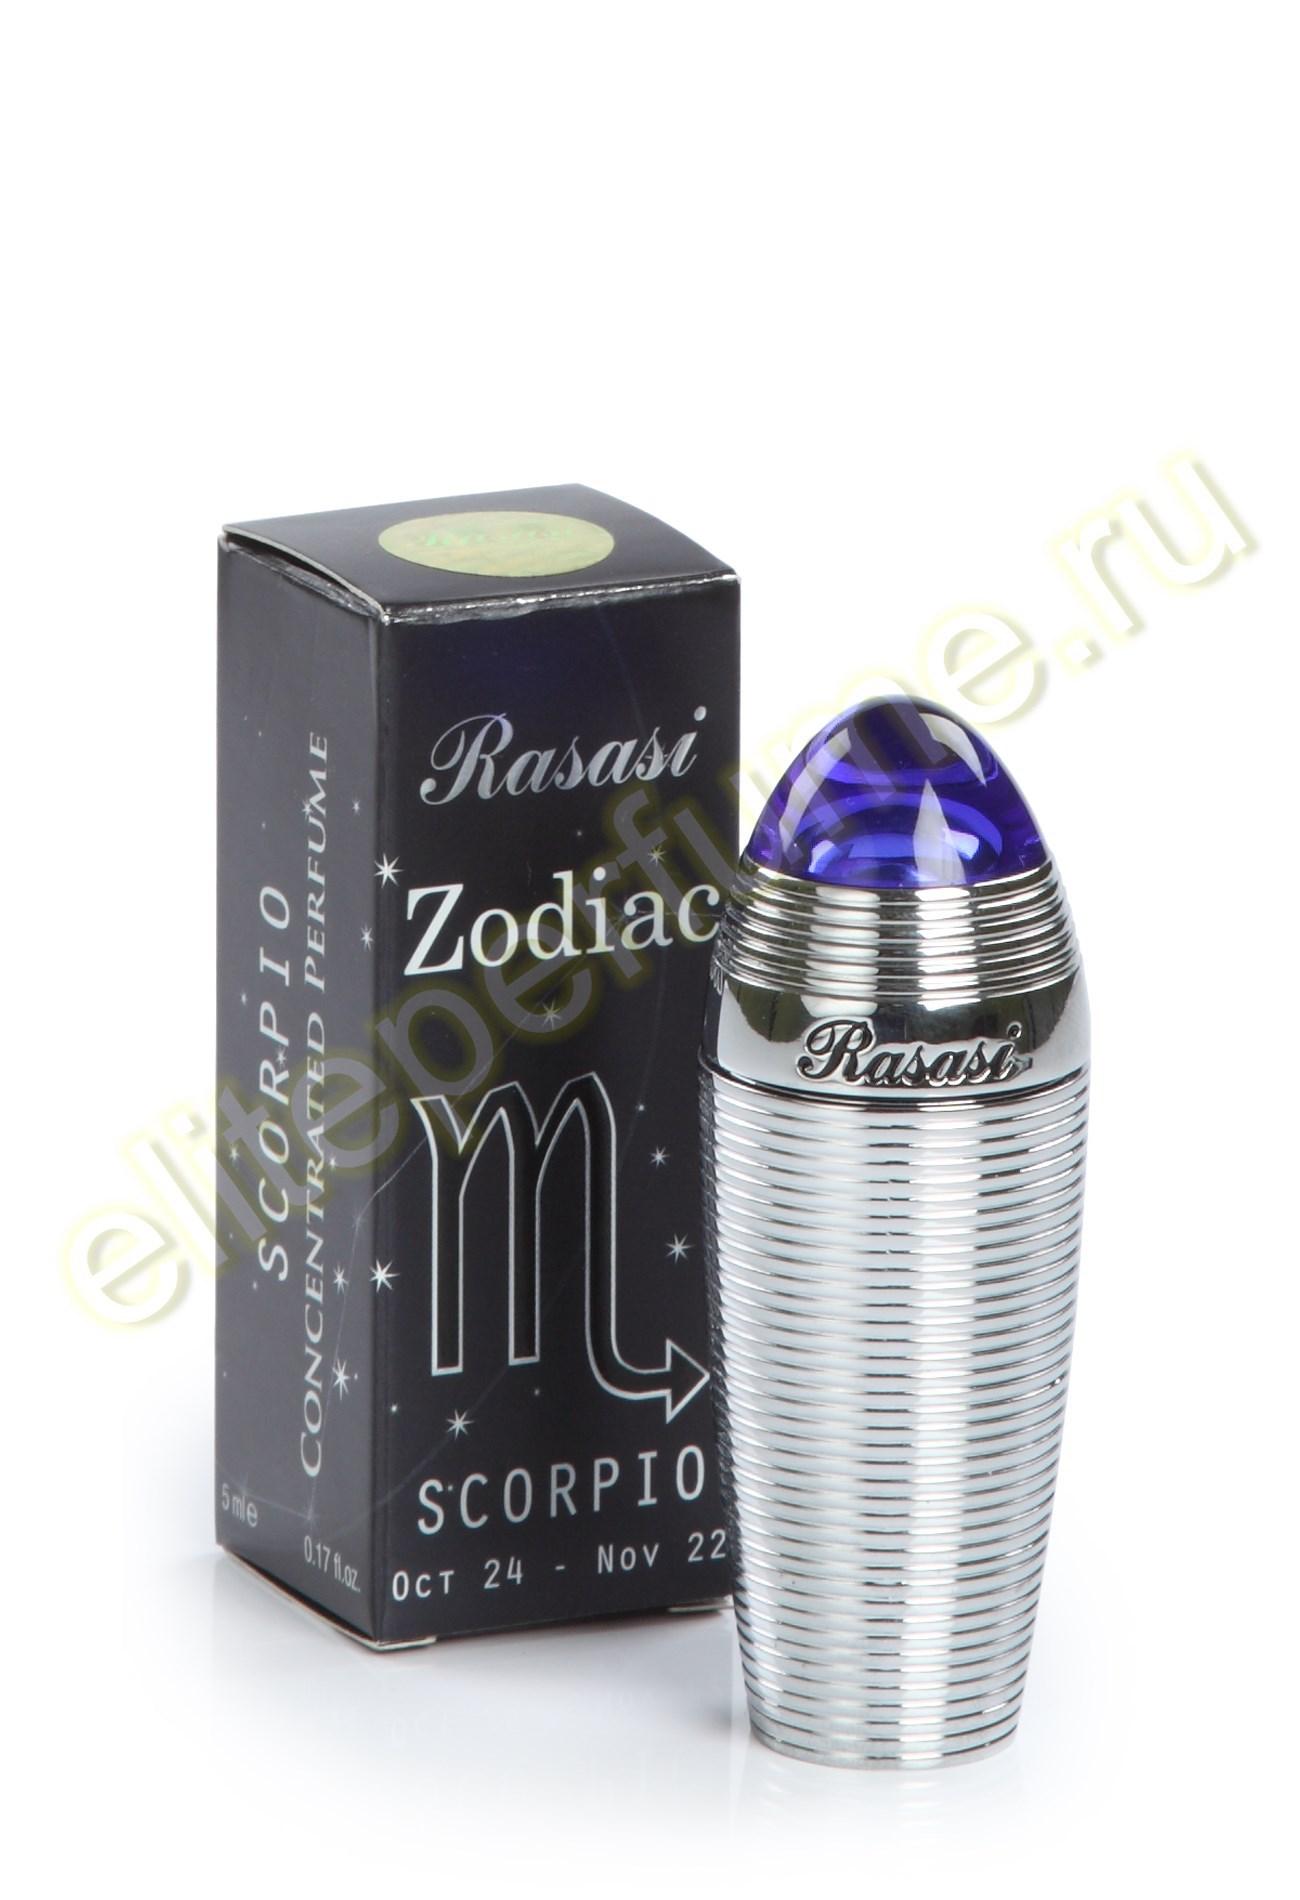 Пробники для арабских духов Зодиак Скорпион Zodiac Scorpio 1 мл арабские масляные духи от Расаси Rasasi Perfumes